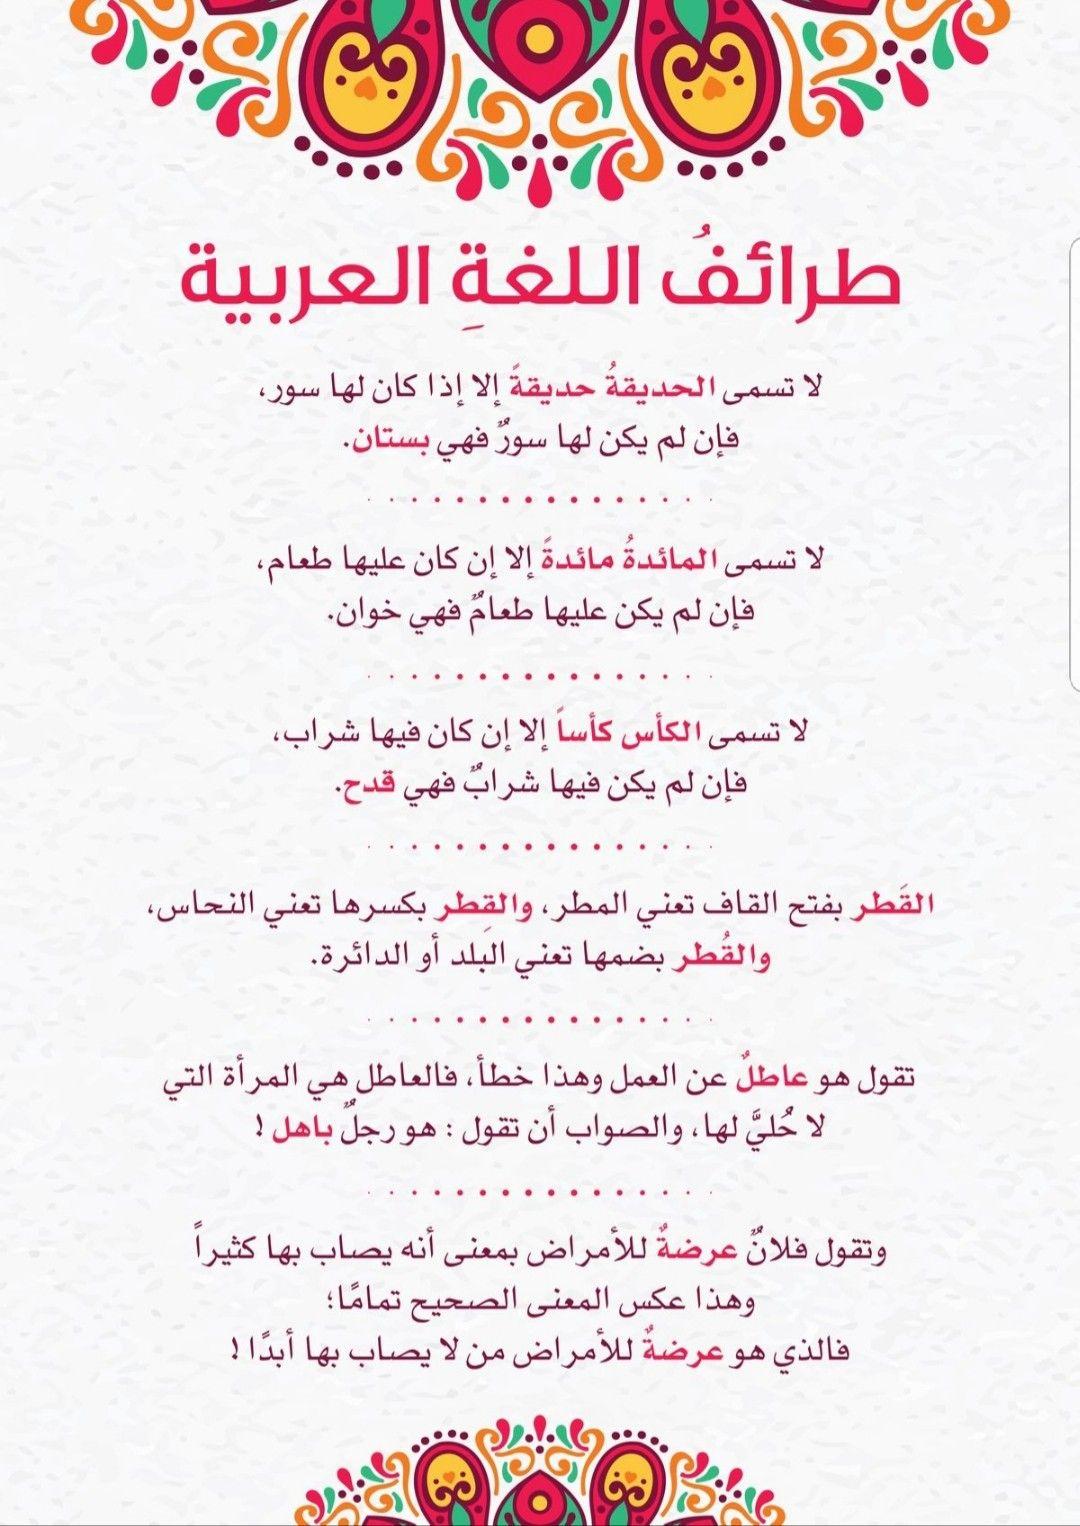 Pin By Nejib Marrakchi On معلومات عامه لغه عربيه Arabic Quotes Arabic Language Learning Arabic